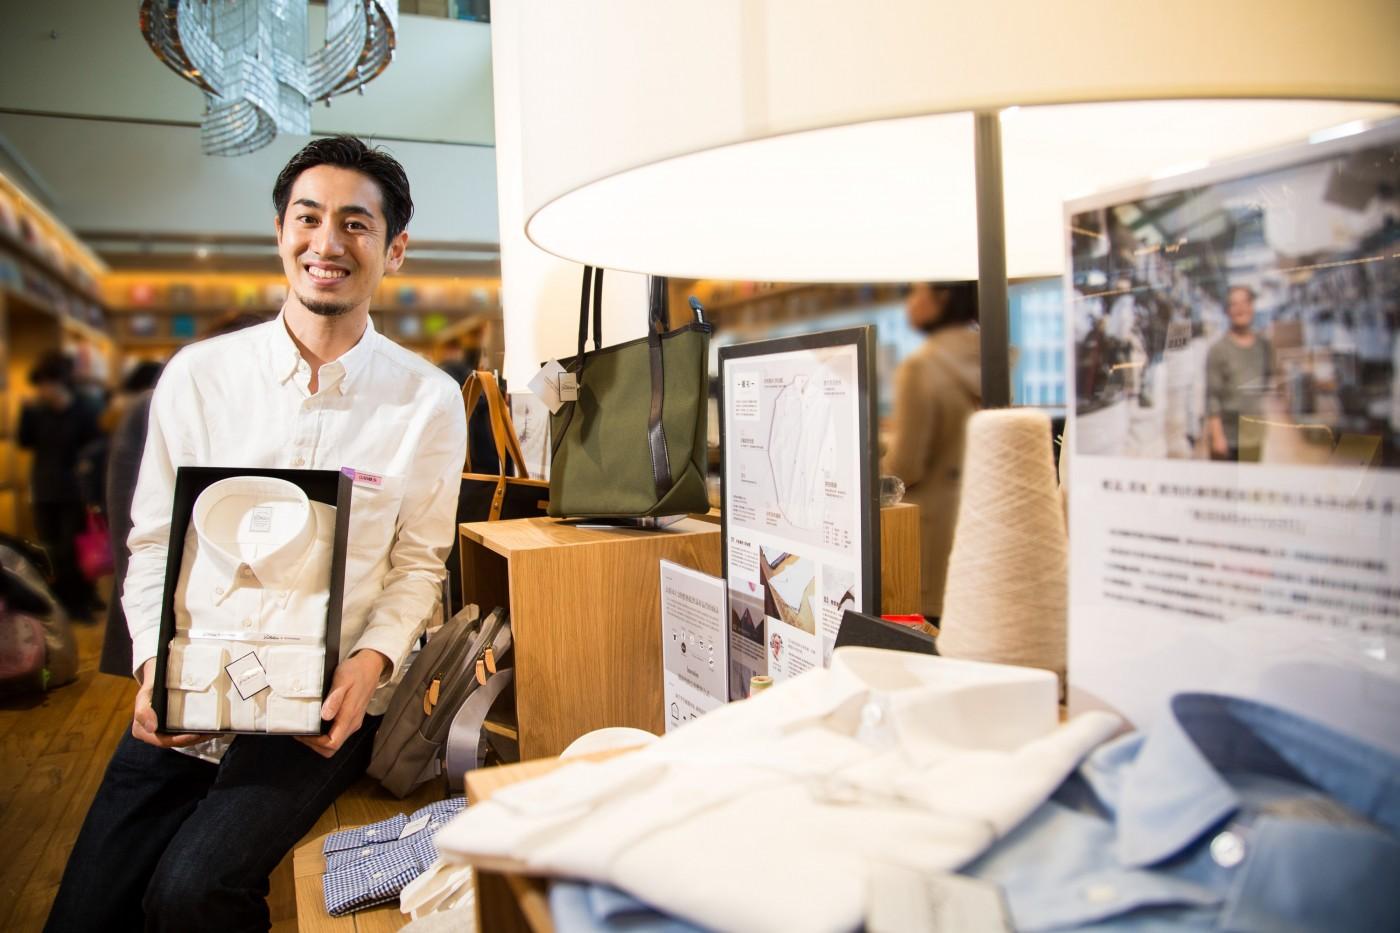 5年營收成長66倍,他是繼UNIQLO快時尚之後,下一個改變日本成衣業的人